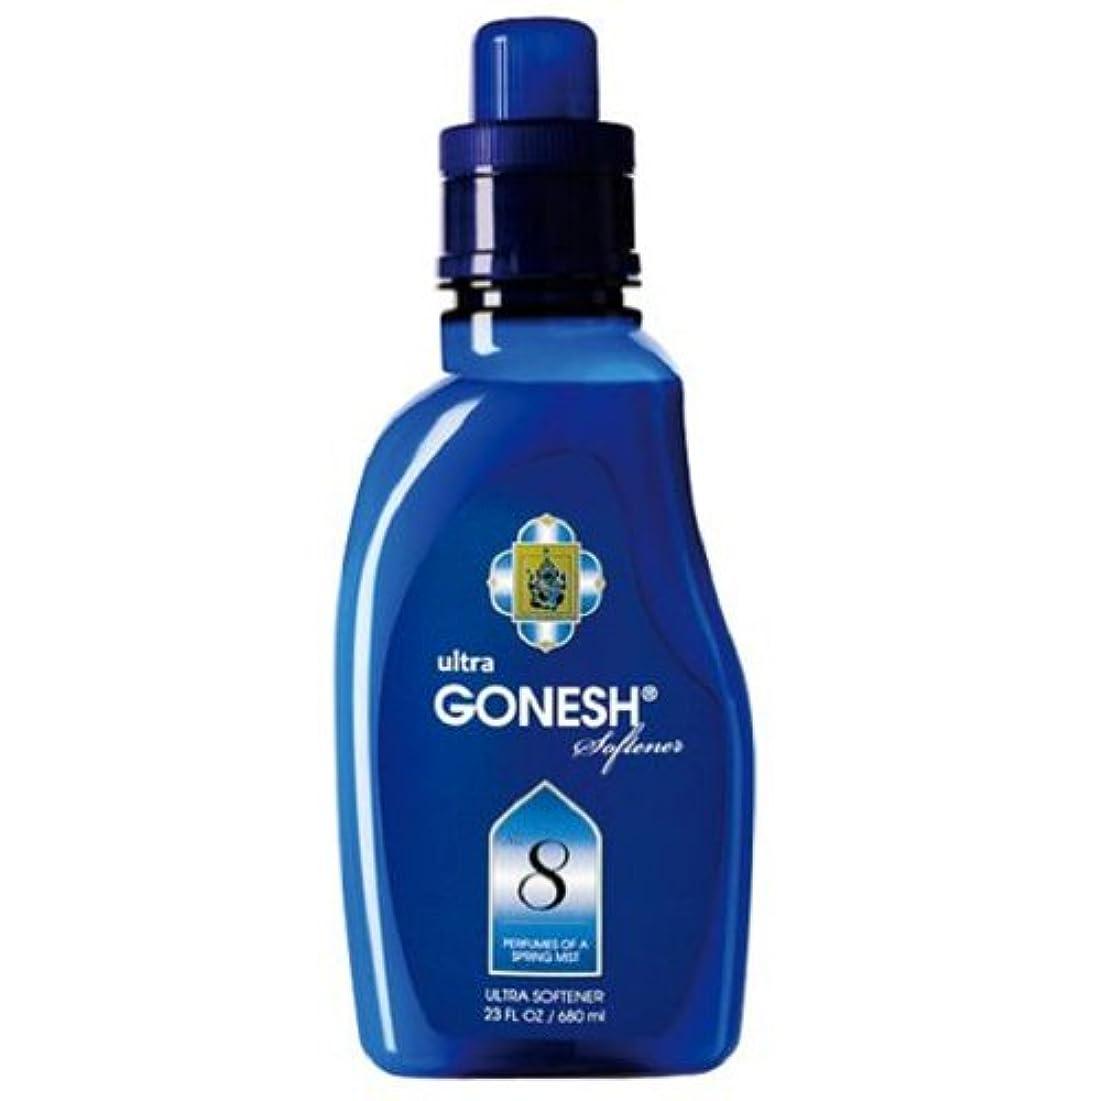 ニュージーランドなぜなら温度GONESH(ガーネッシュ)ウルトラソフナー NO.8 680ml 柔軟剤 (ほのかに甘いフルーツ系の香り)